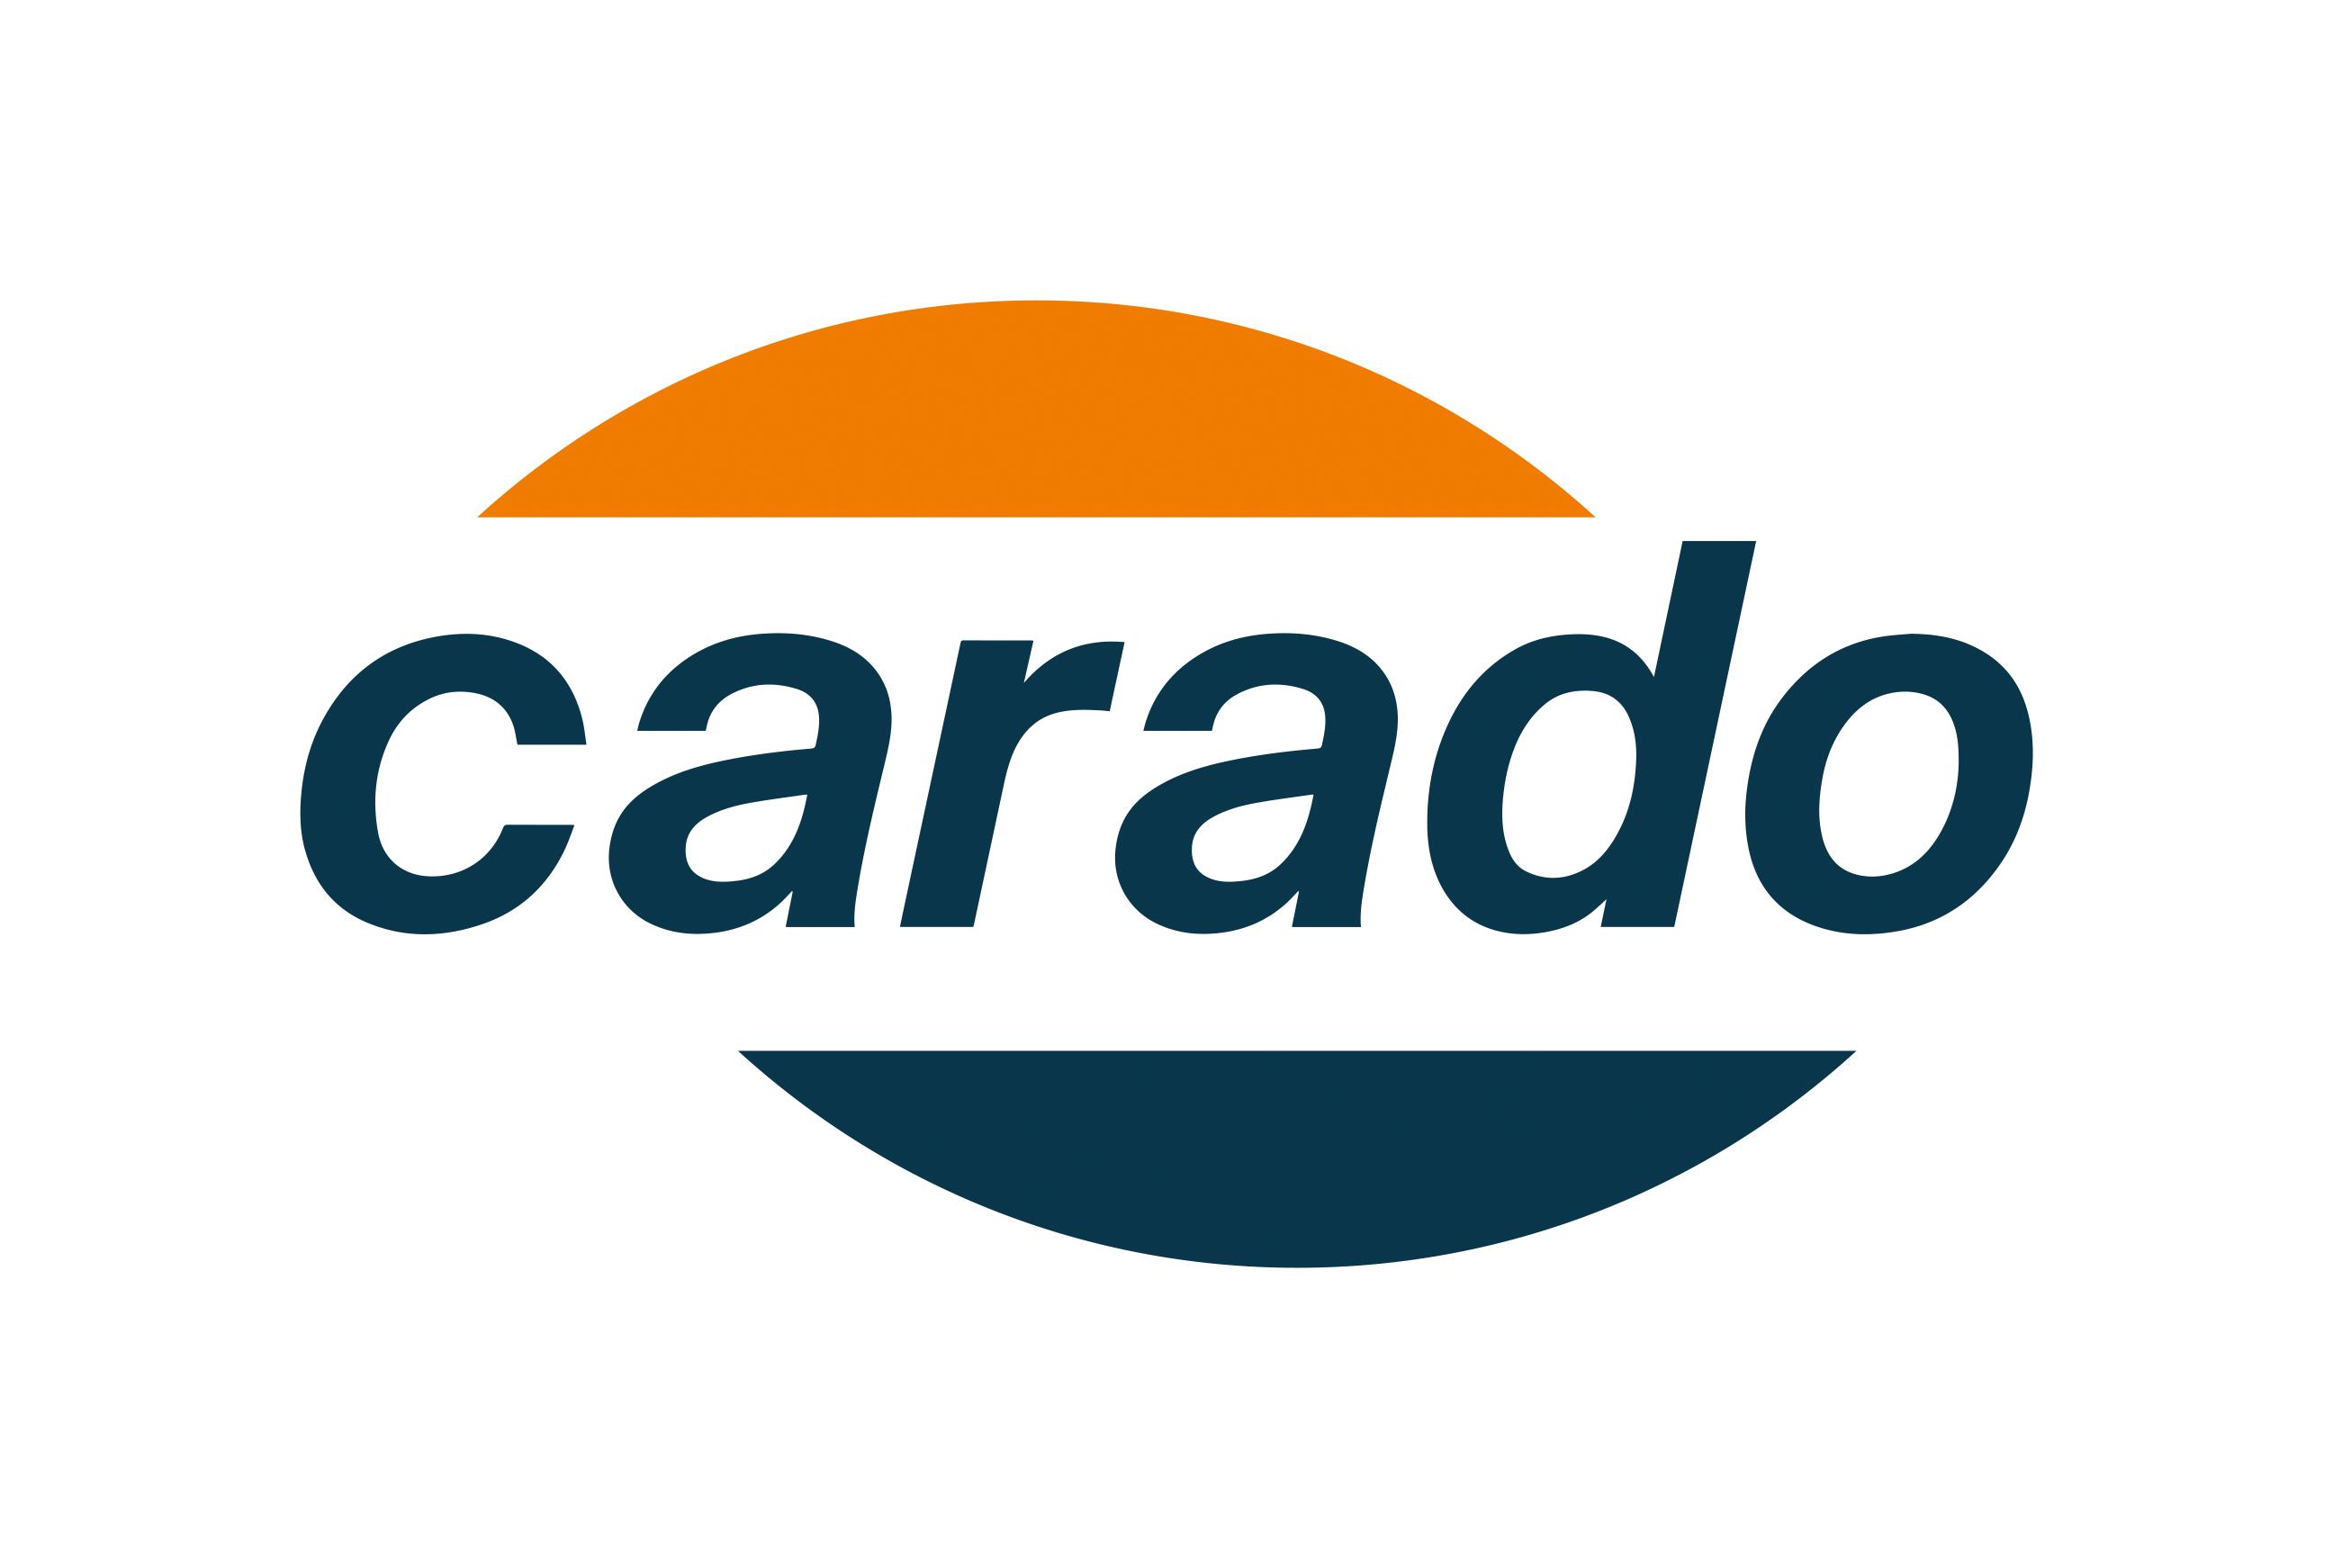 Carado Original Zubehör  - zur Startseite wechseln